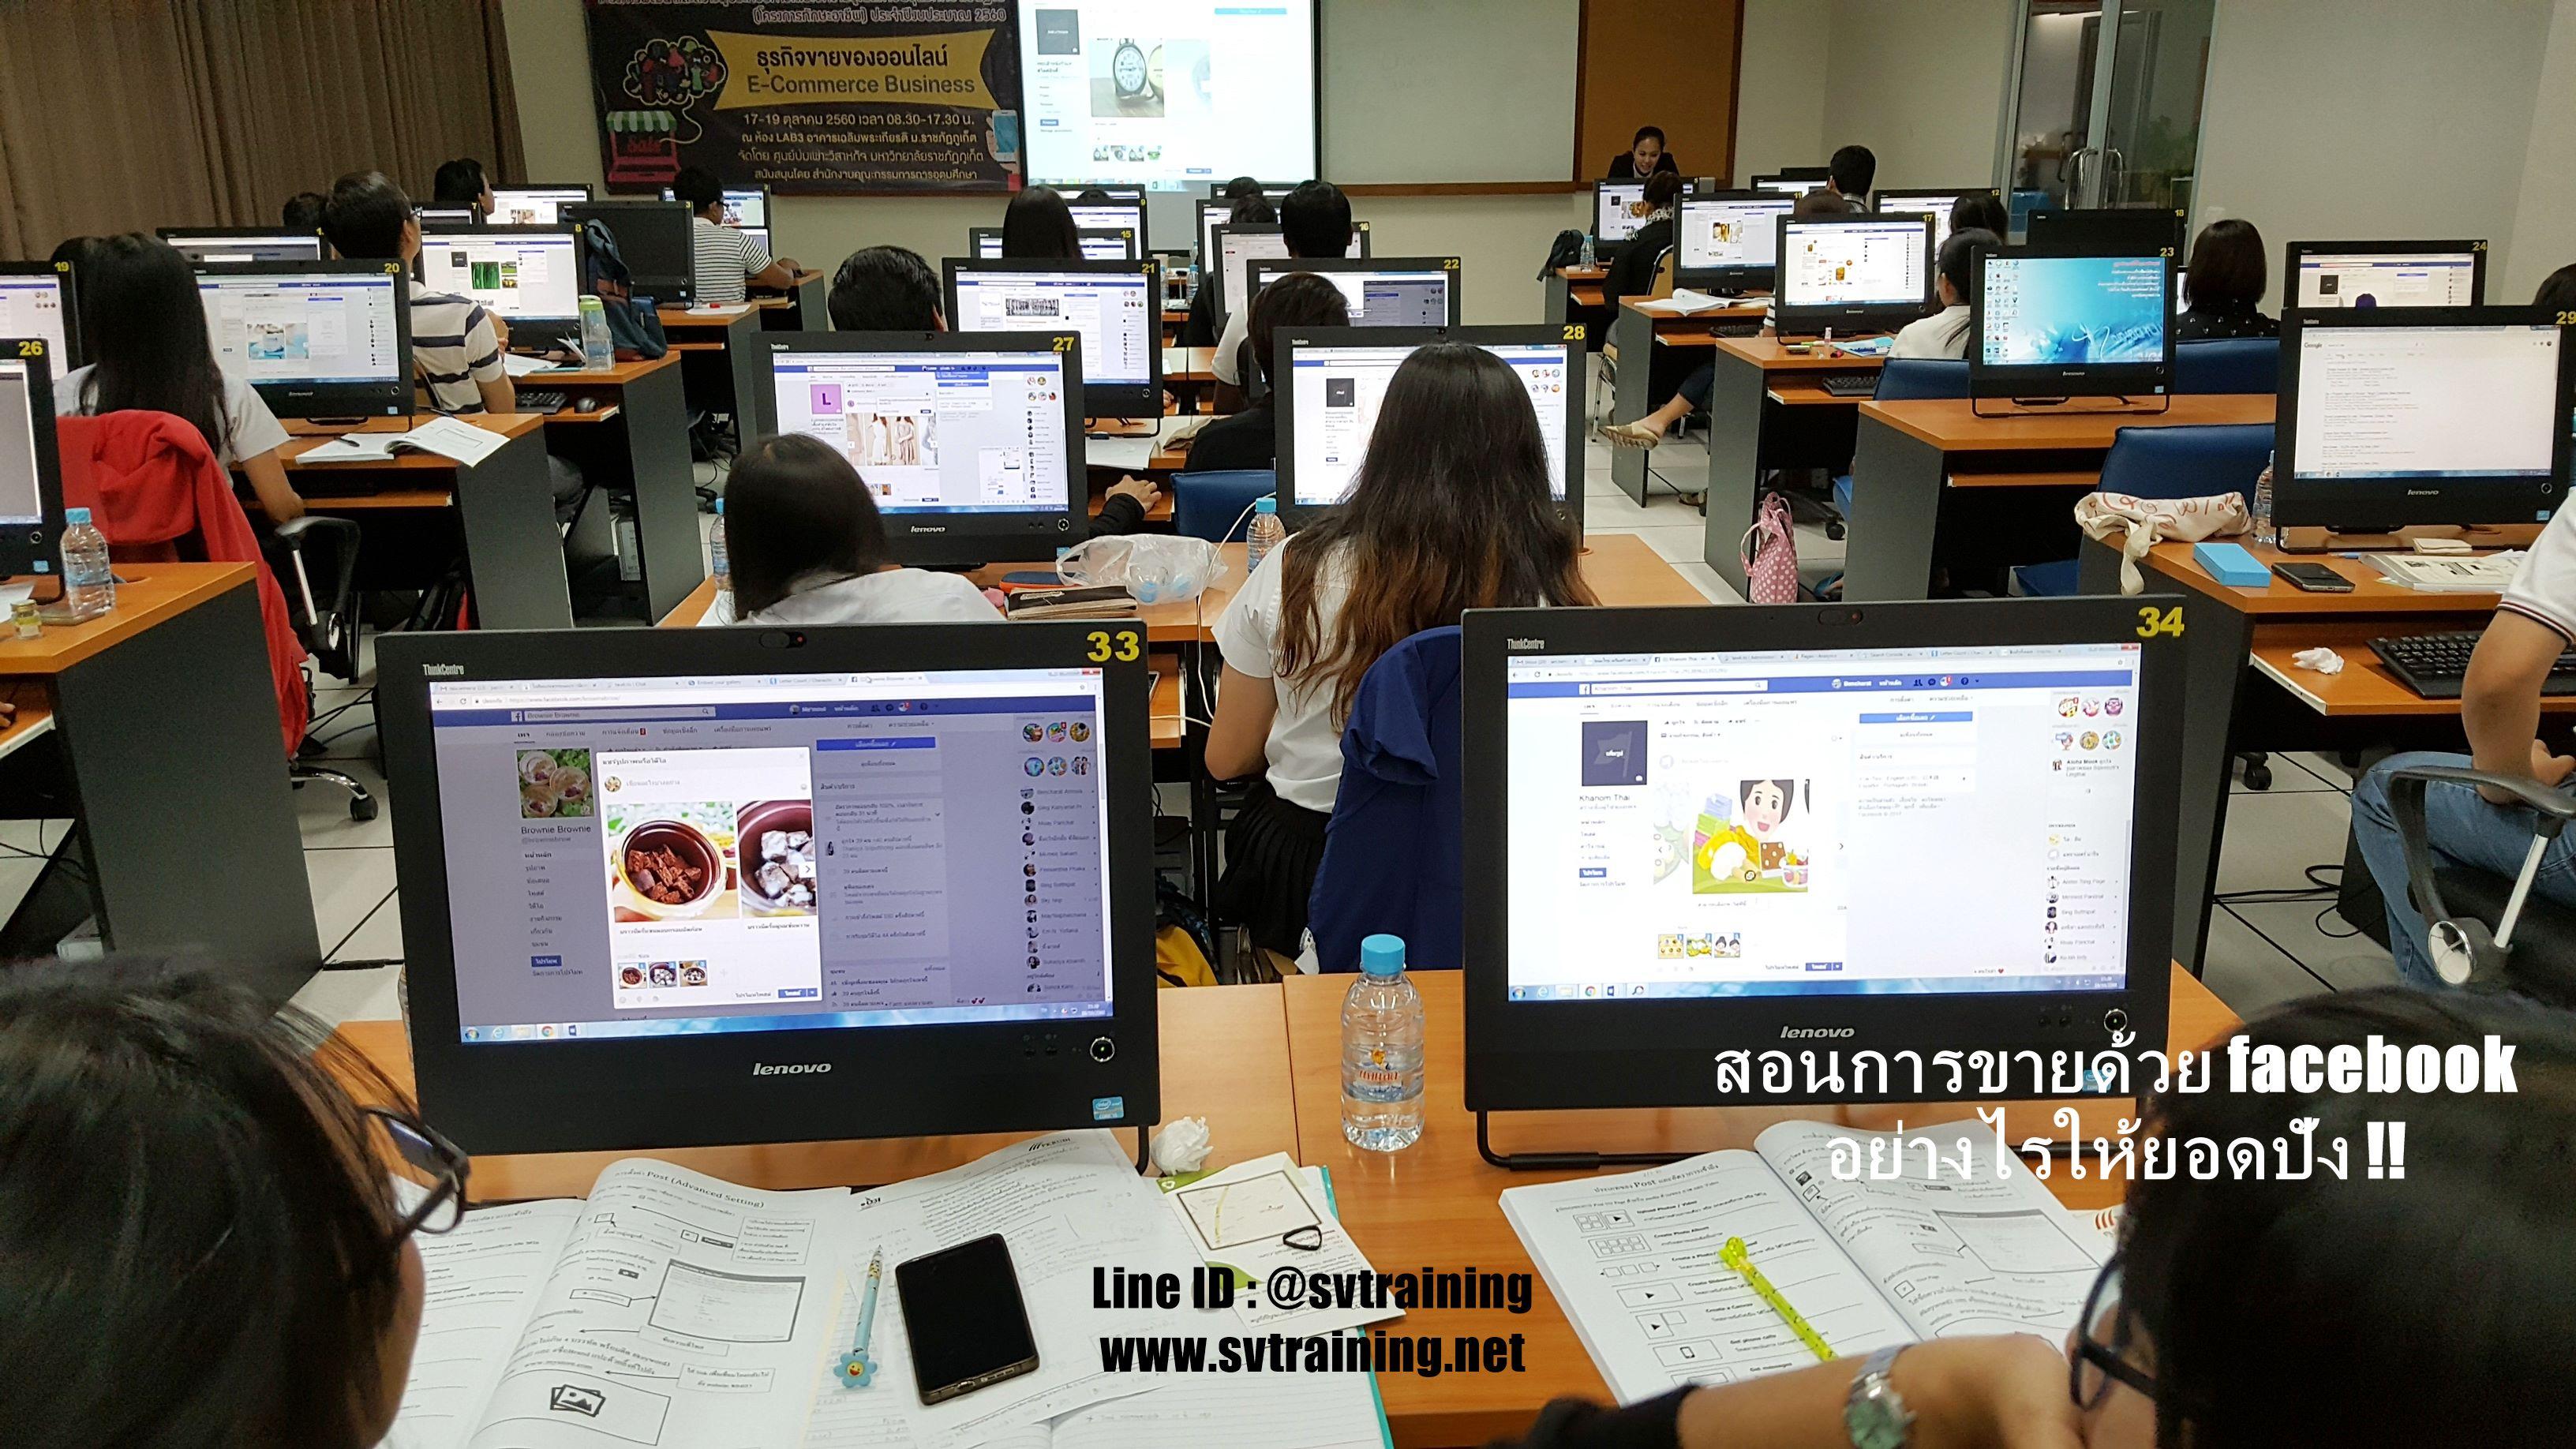 สอนขายของออนไลน์ด้วยเฟสบุ๊คfacebookให้ผู้ประกอบการ